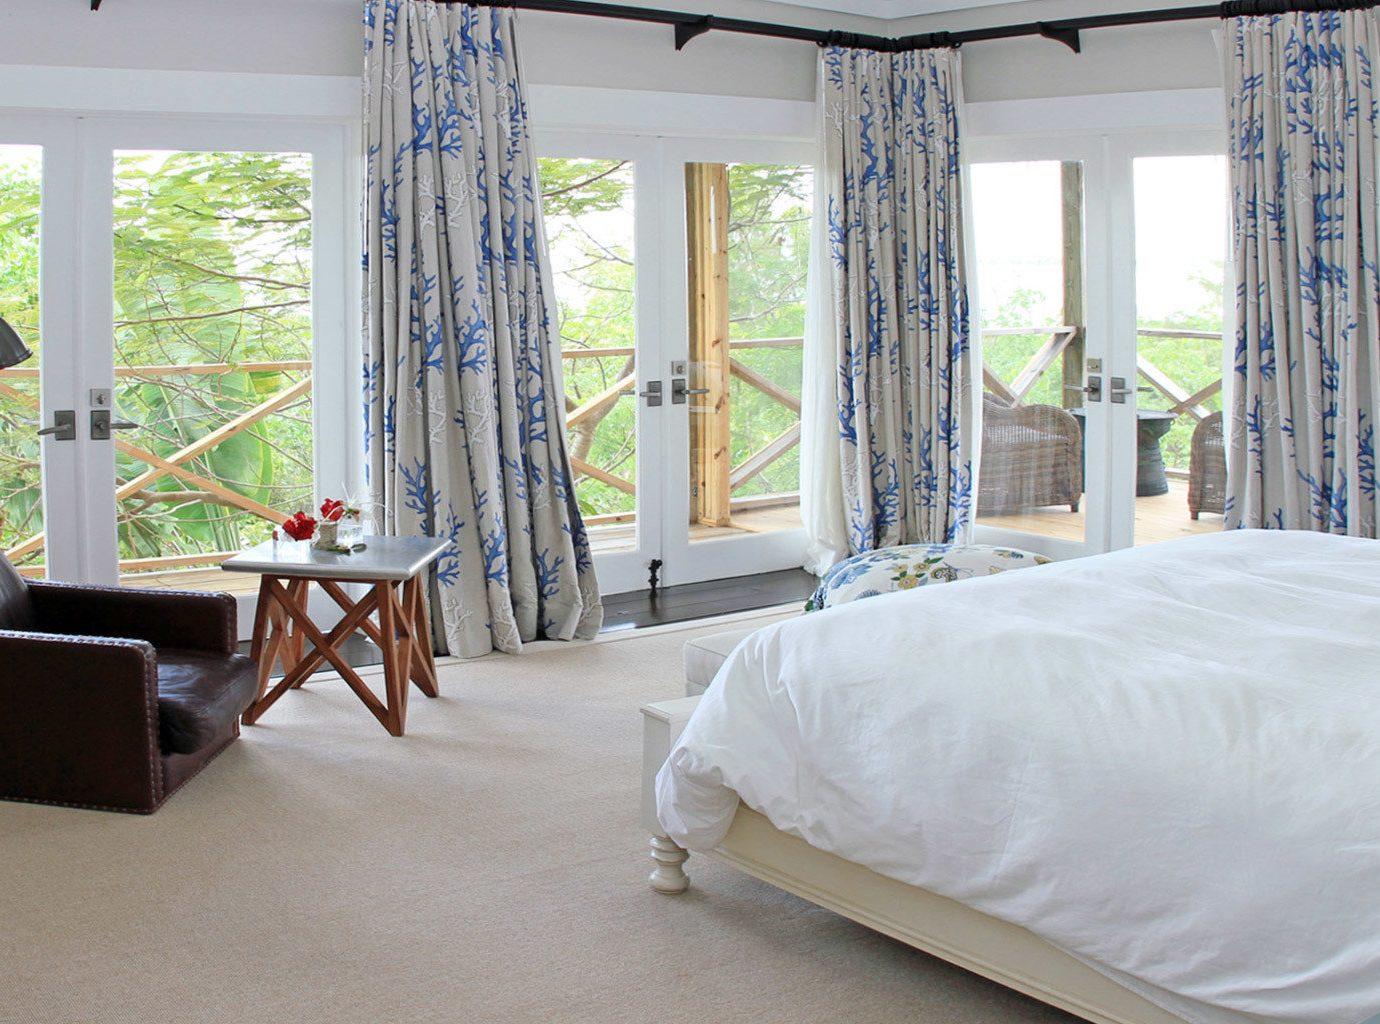 Bedroom at Tiamo